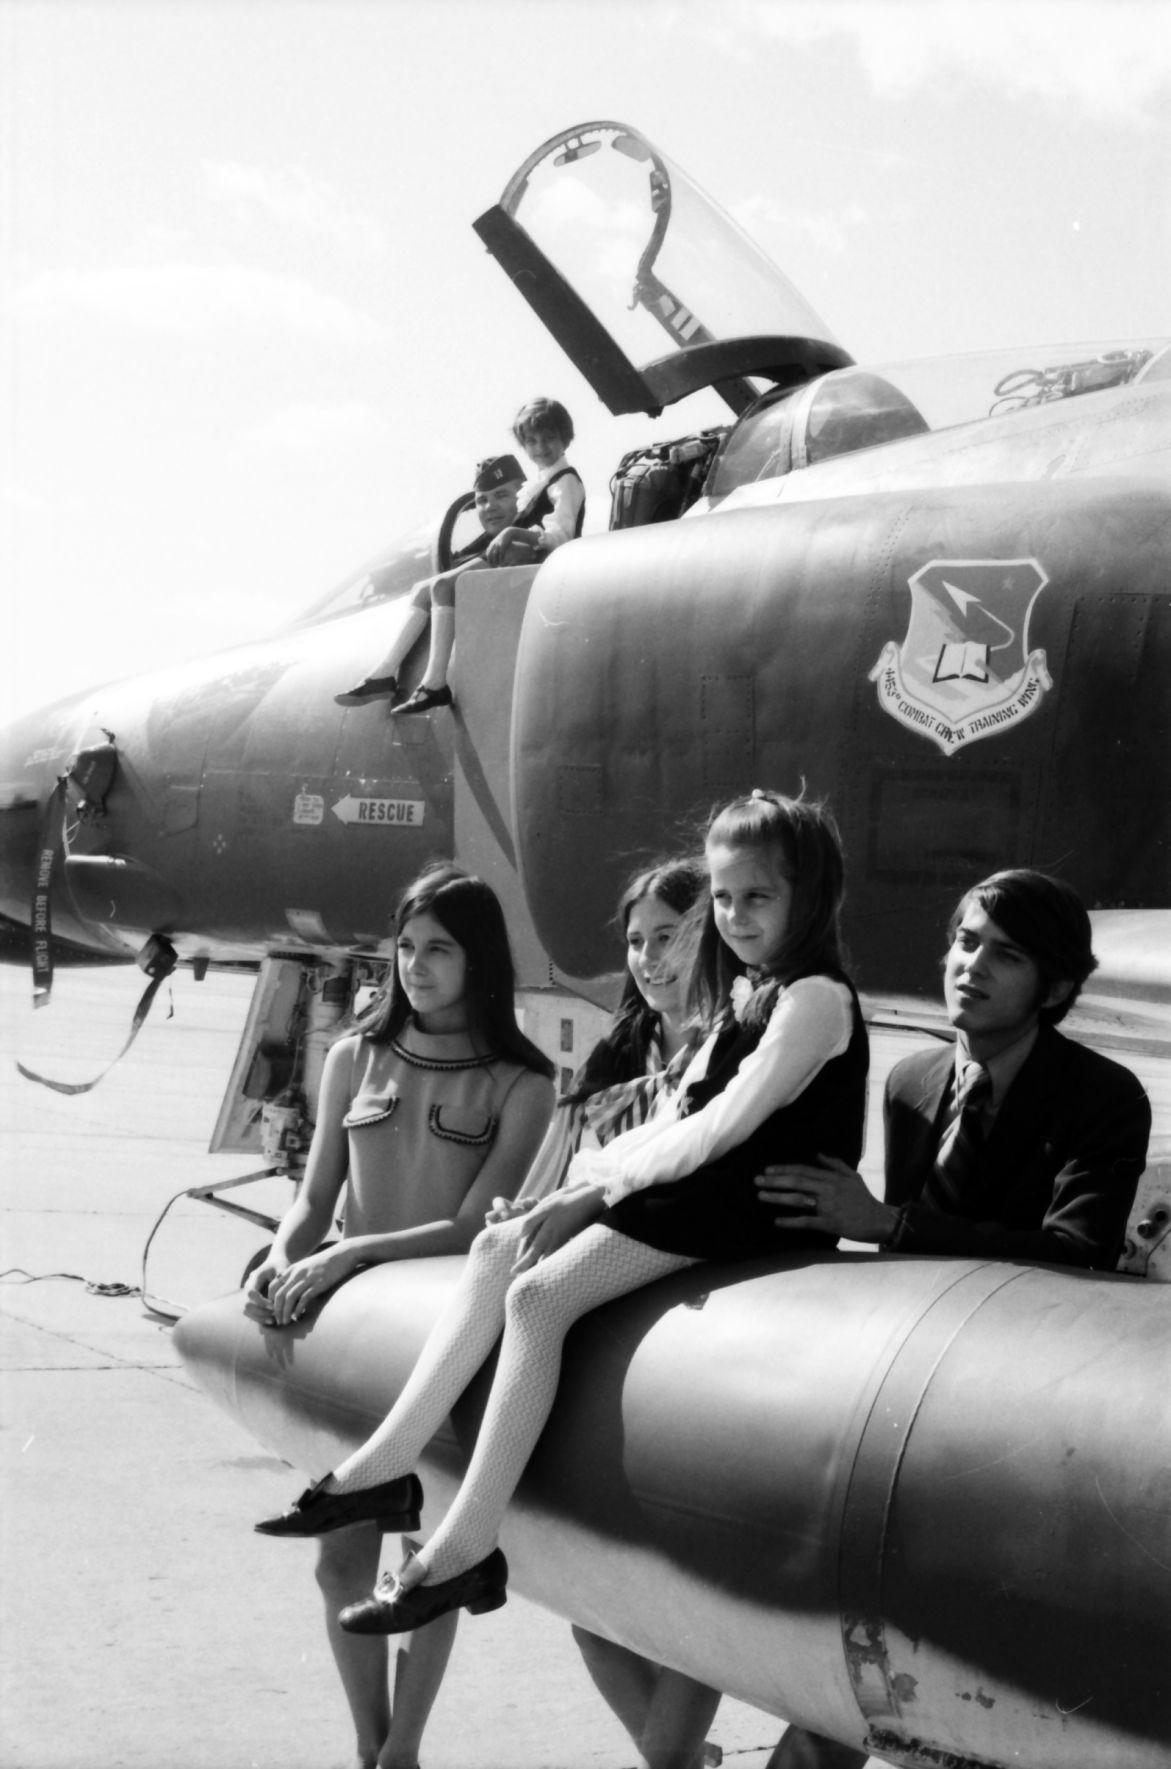 Stow children 5 1 1970